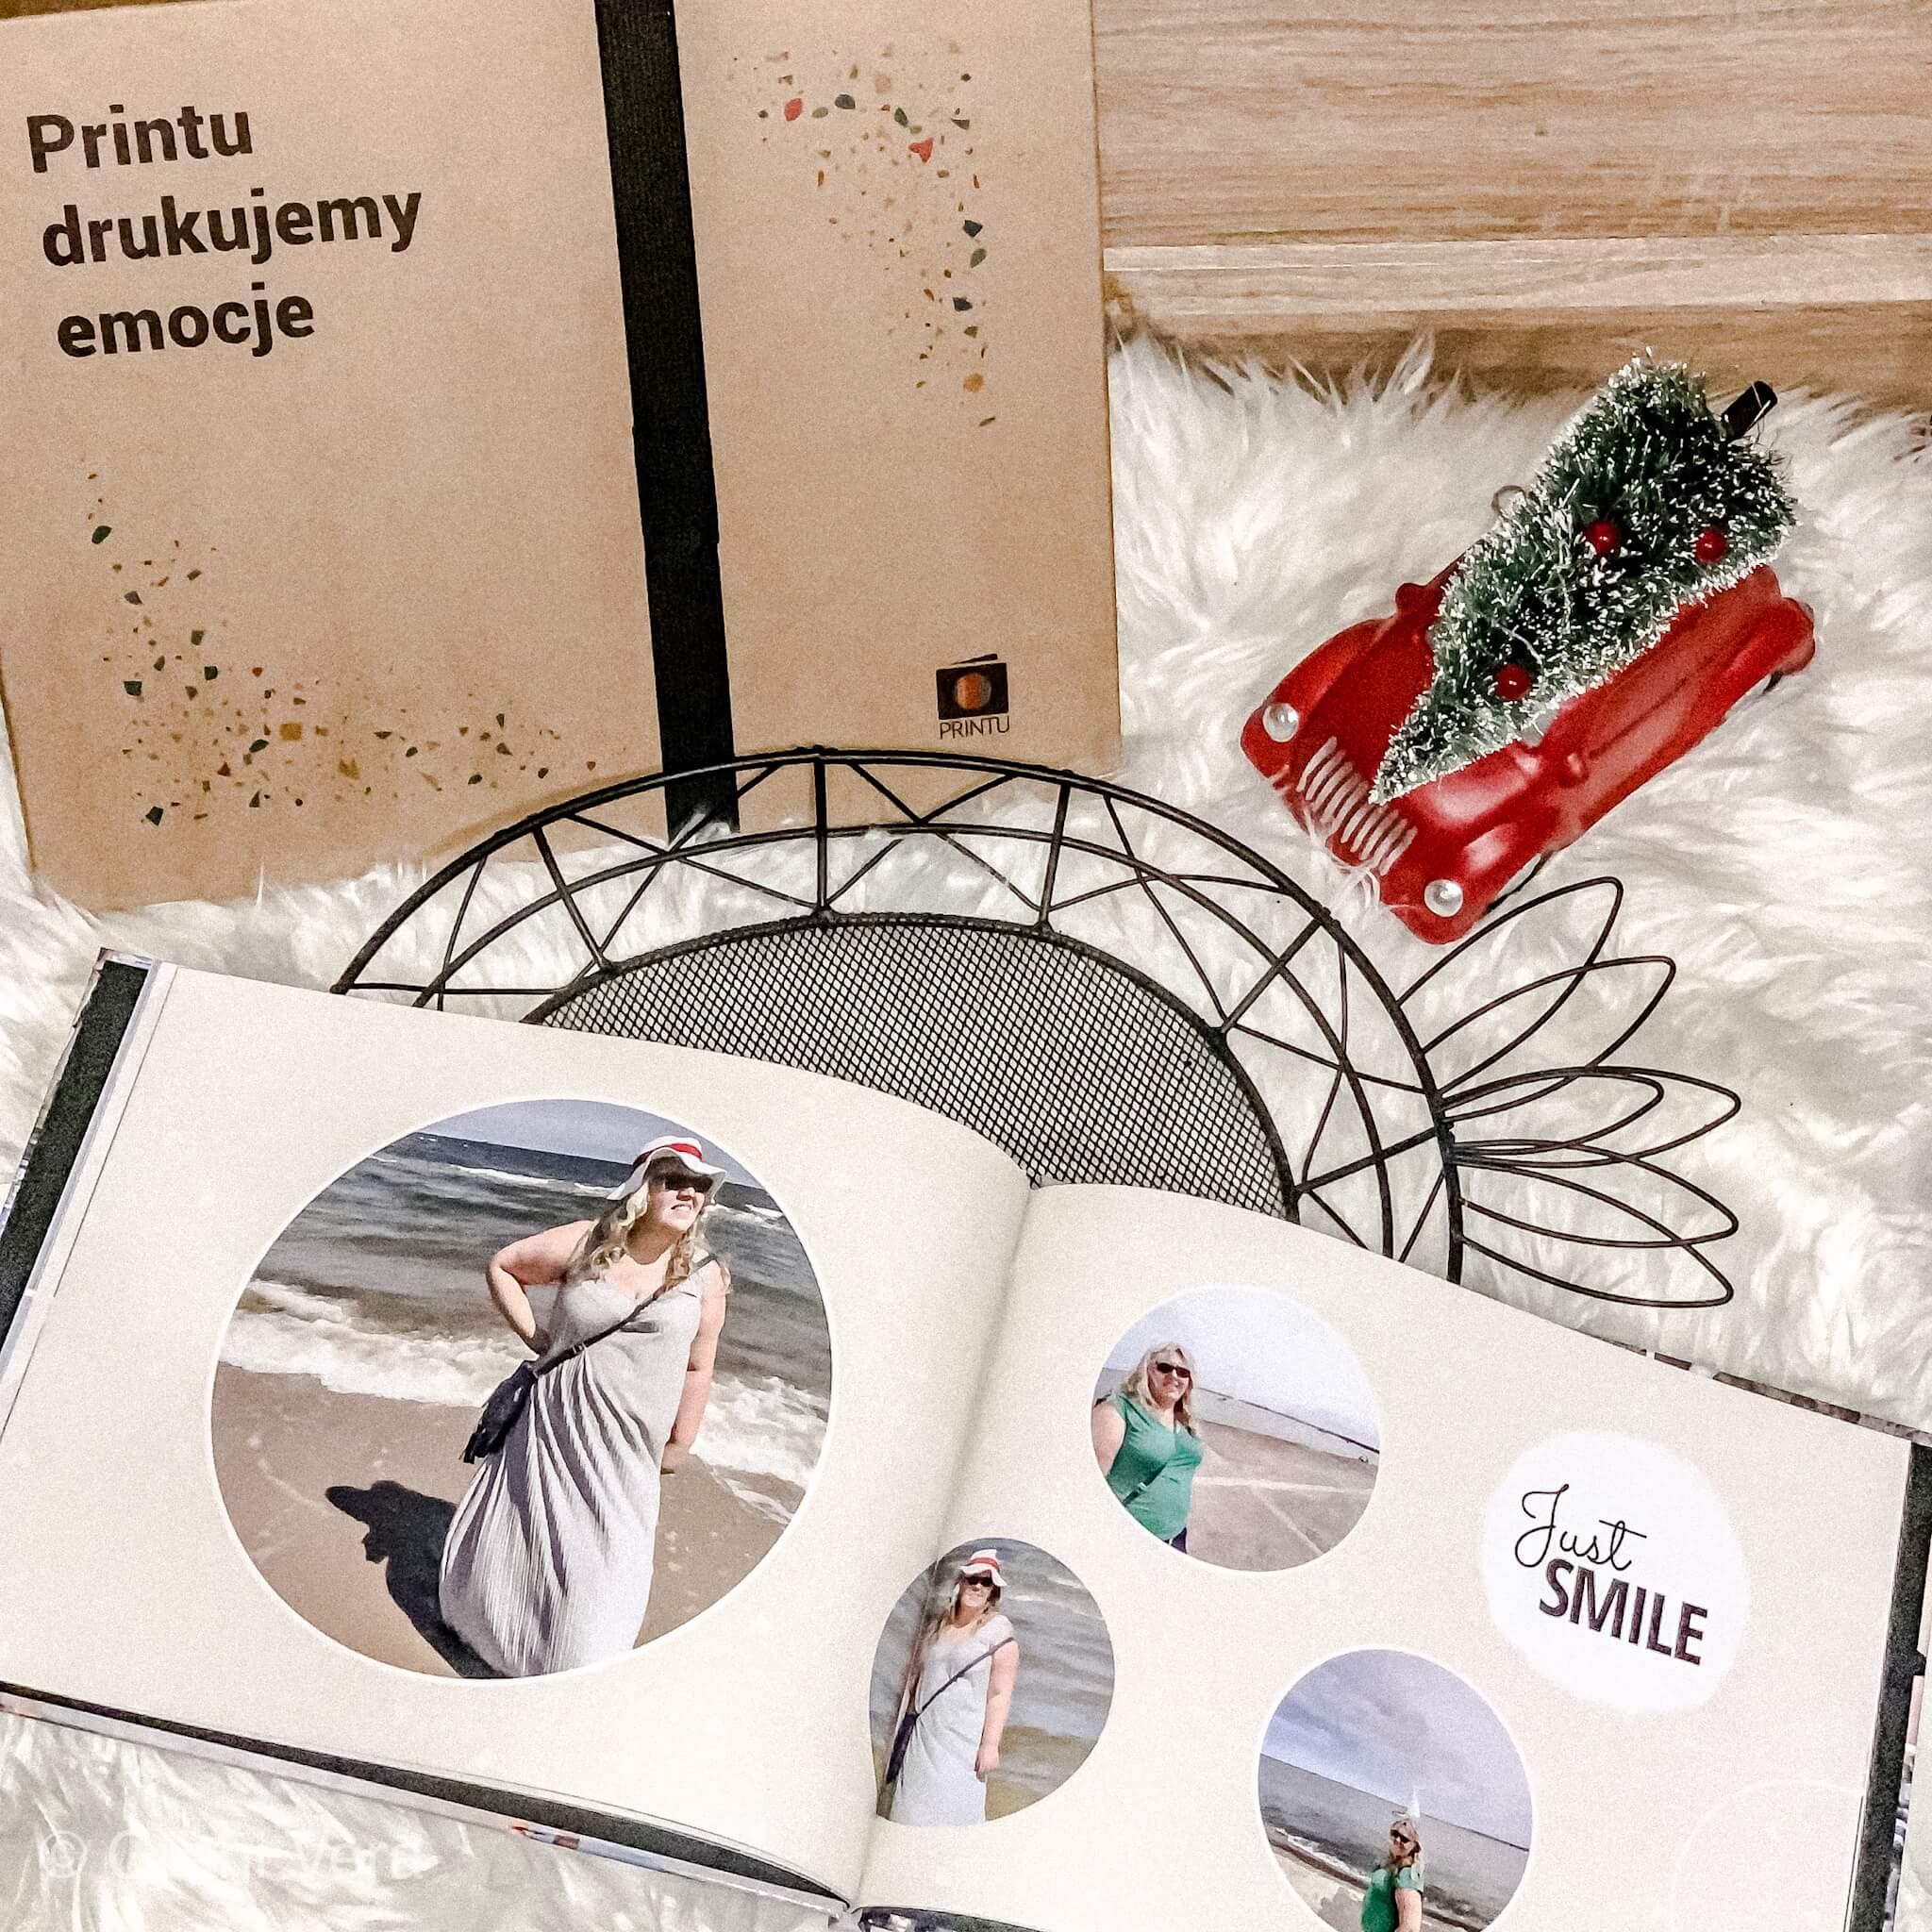 Pomysł na prezent - fotoksiążka + kod rabatowy 40 zł  na fotoksiążkę od Printu